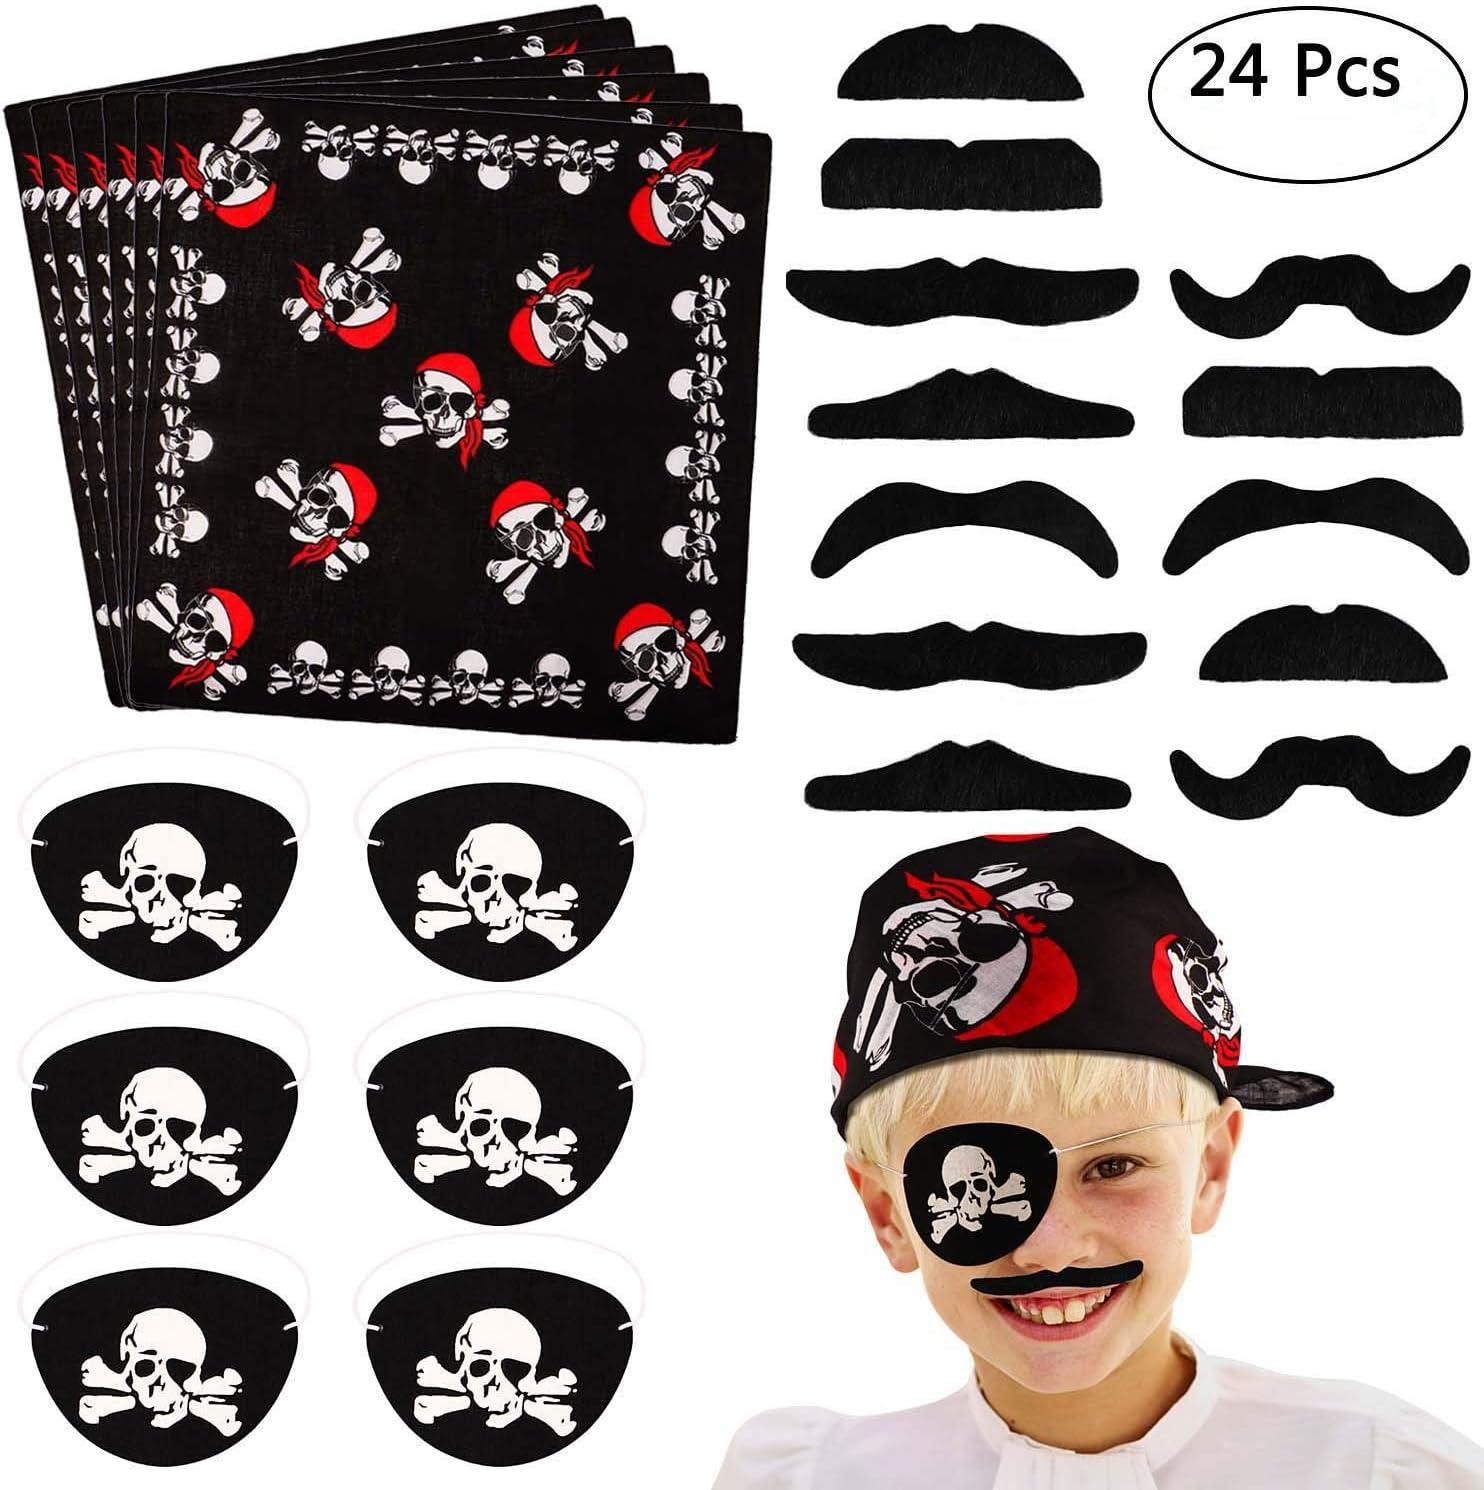 Tacobear 24 piezas Pirata Accesorios Parche Pirata Pañuelo Pirata Bigote Falso para Niños Pirata Fiesta Cumpleaños Party Accesorio